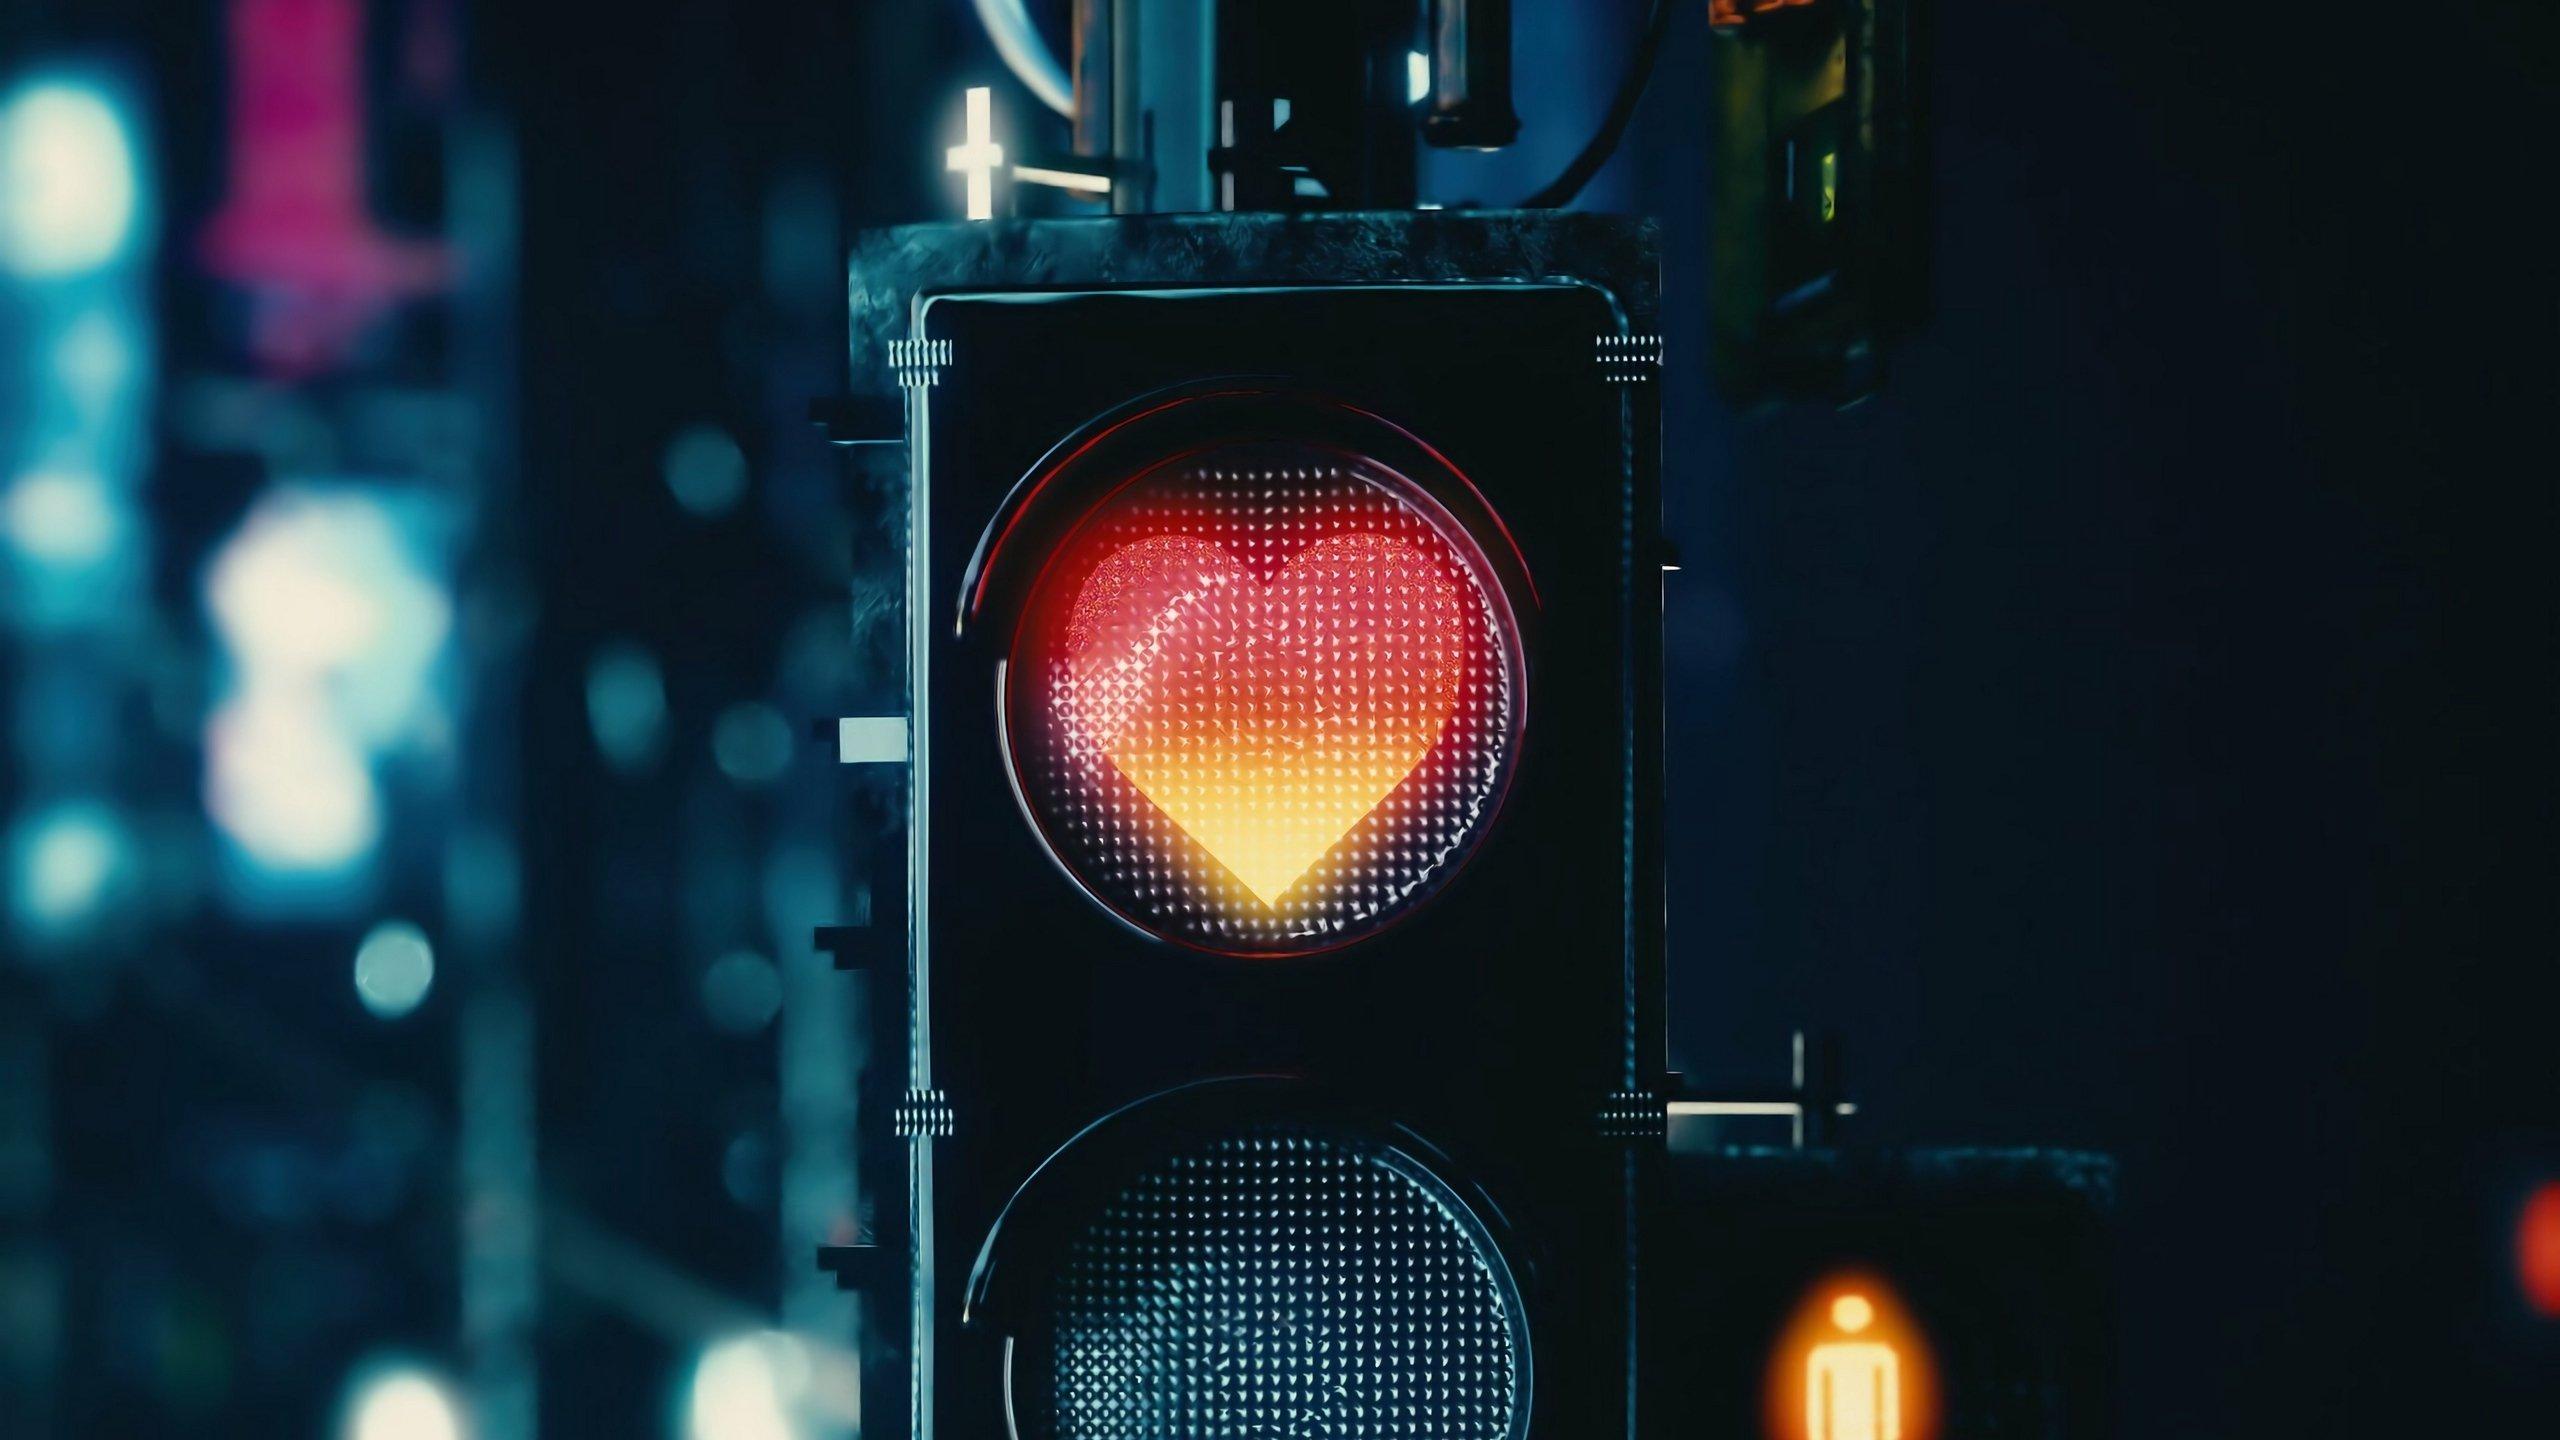 爱情美图,心动创意,红绿灯,爱心